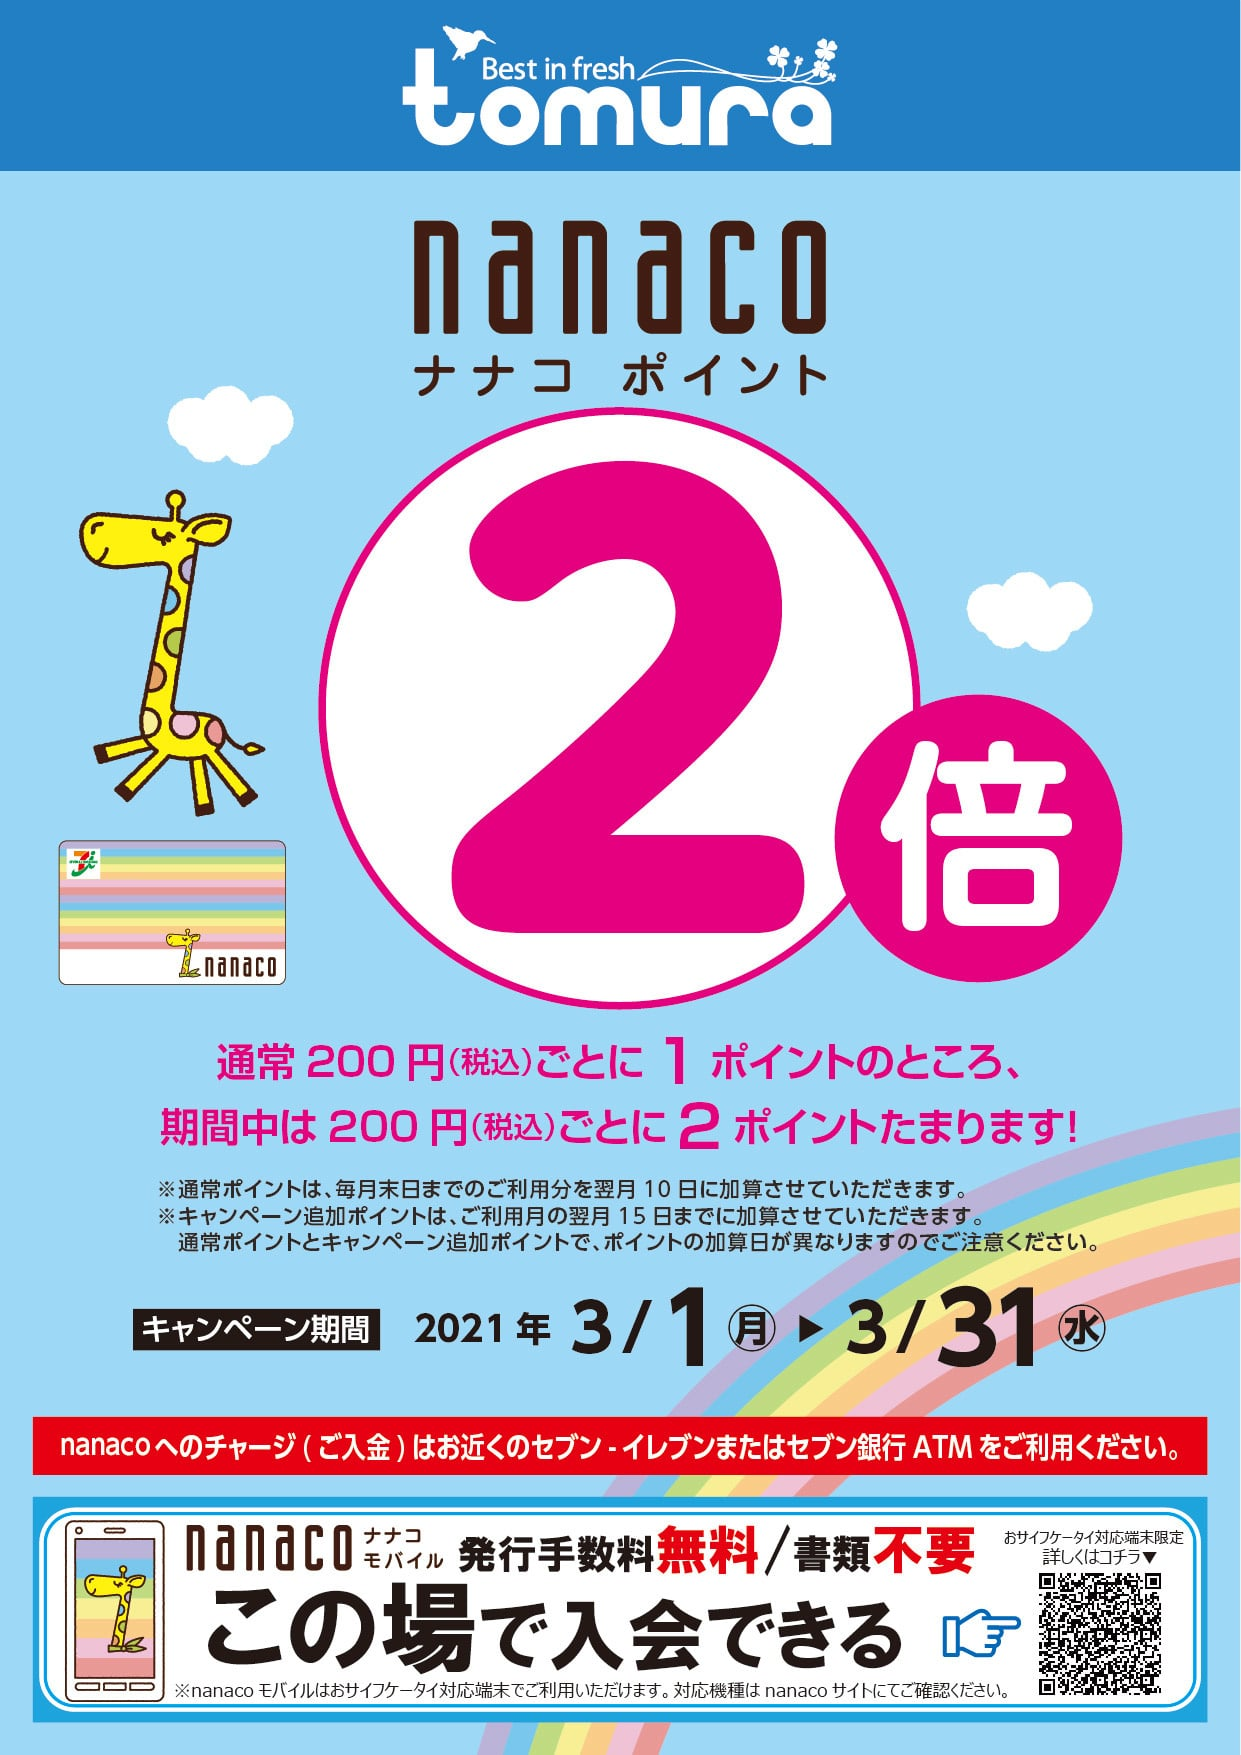 チャージ ナナコ キャンペーン カード <2021年>nanacoへのチャージをお得にする方法、クレカチャージ、ギフトコード割引購入